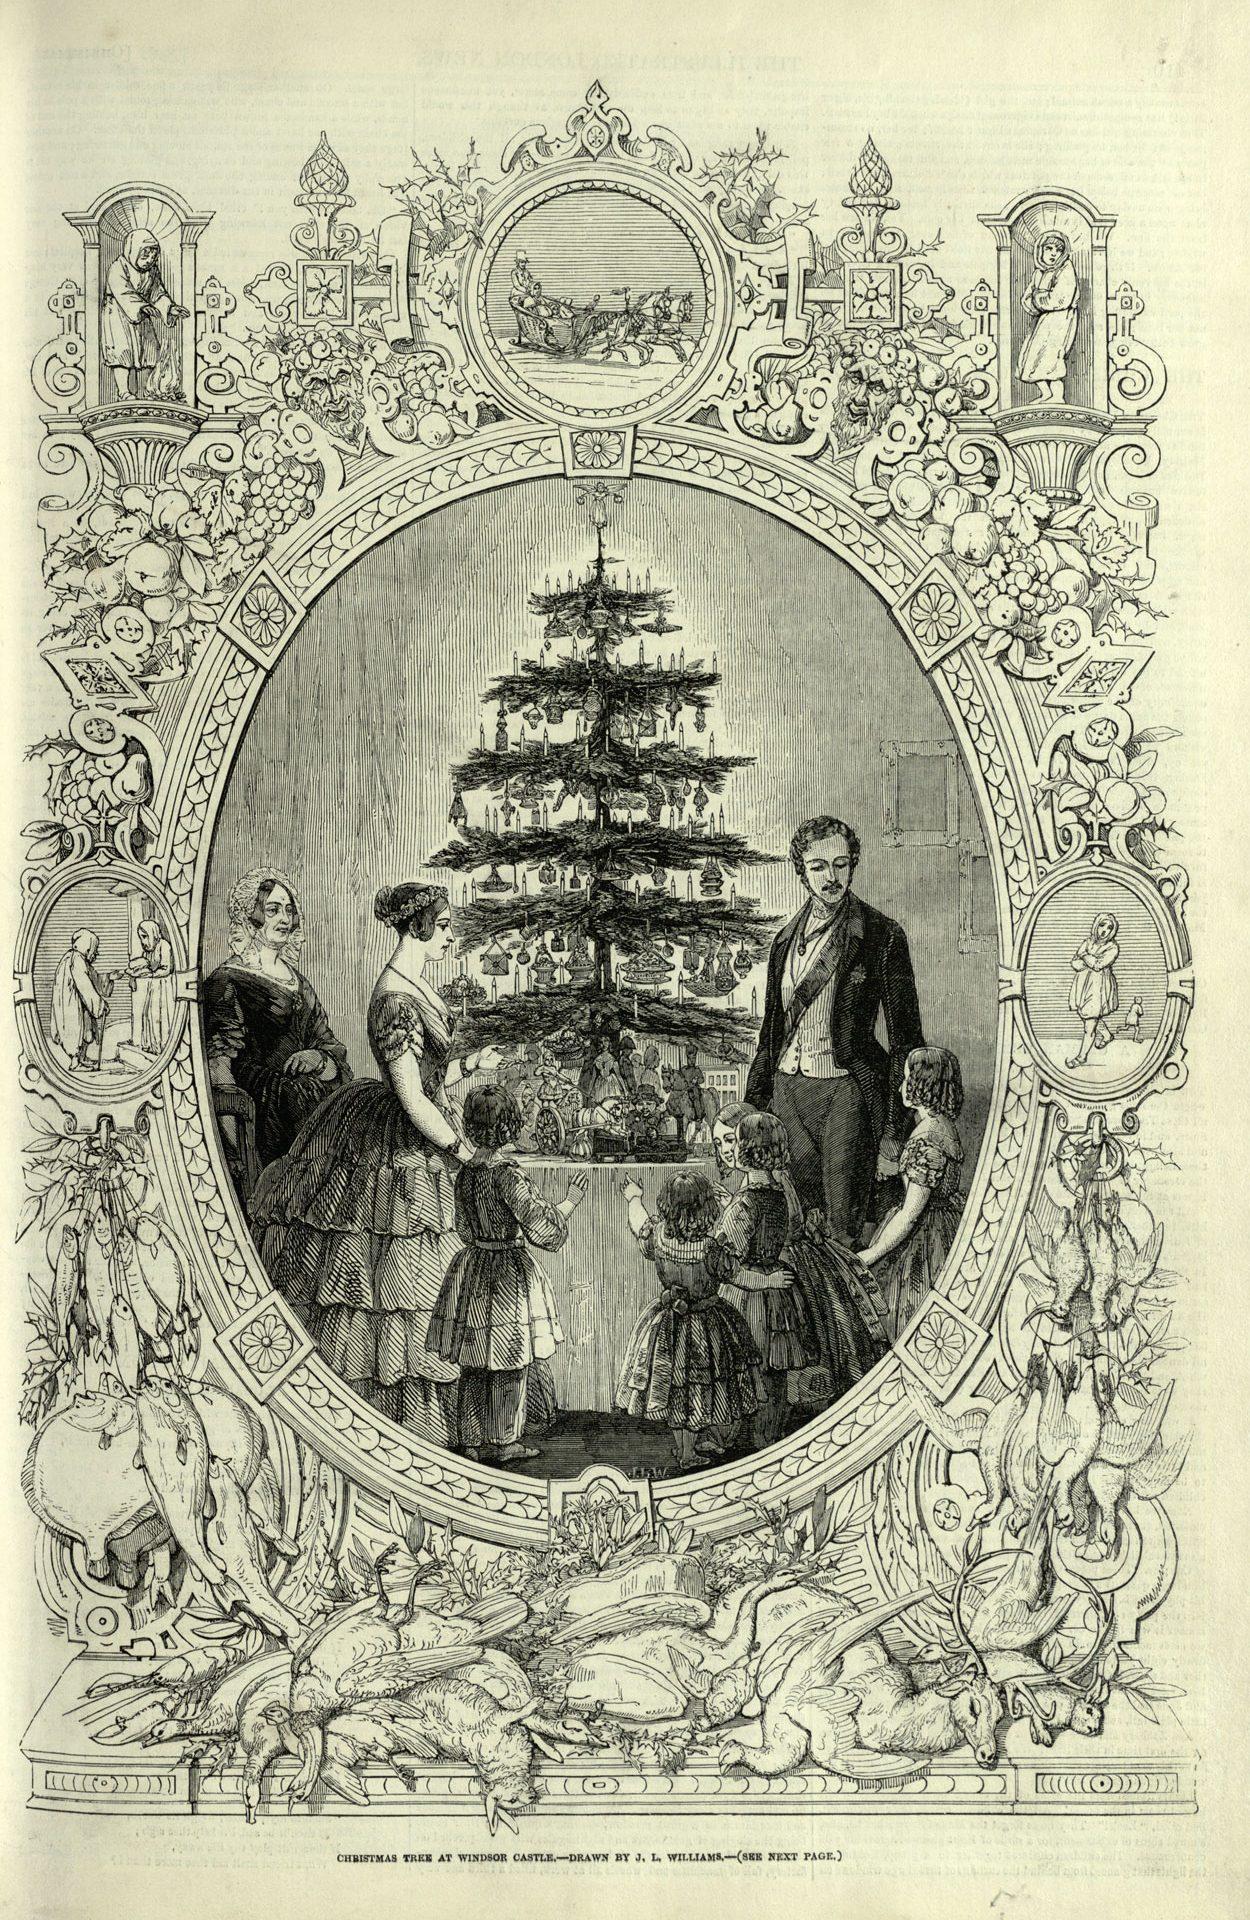 Albero di Natale della Regina d'Inghilterra Victoria, in un'illustrazione di metà '800